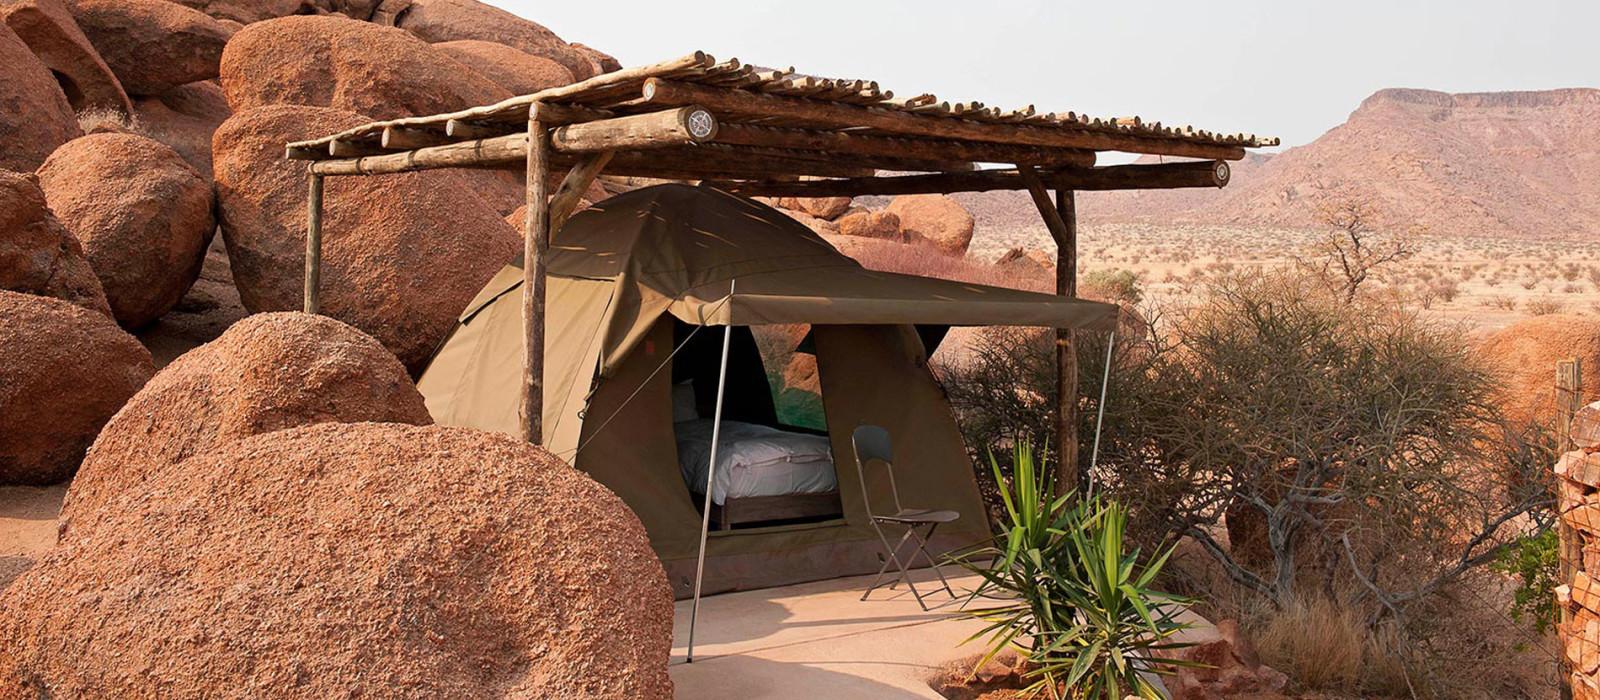 Hotel Camp Kipwe Namibia